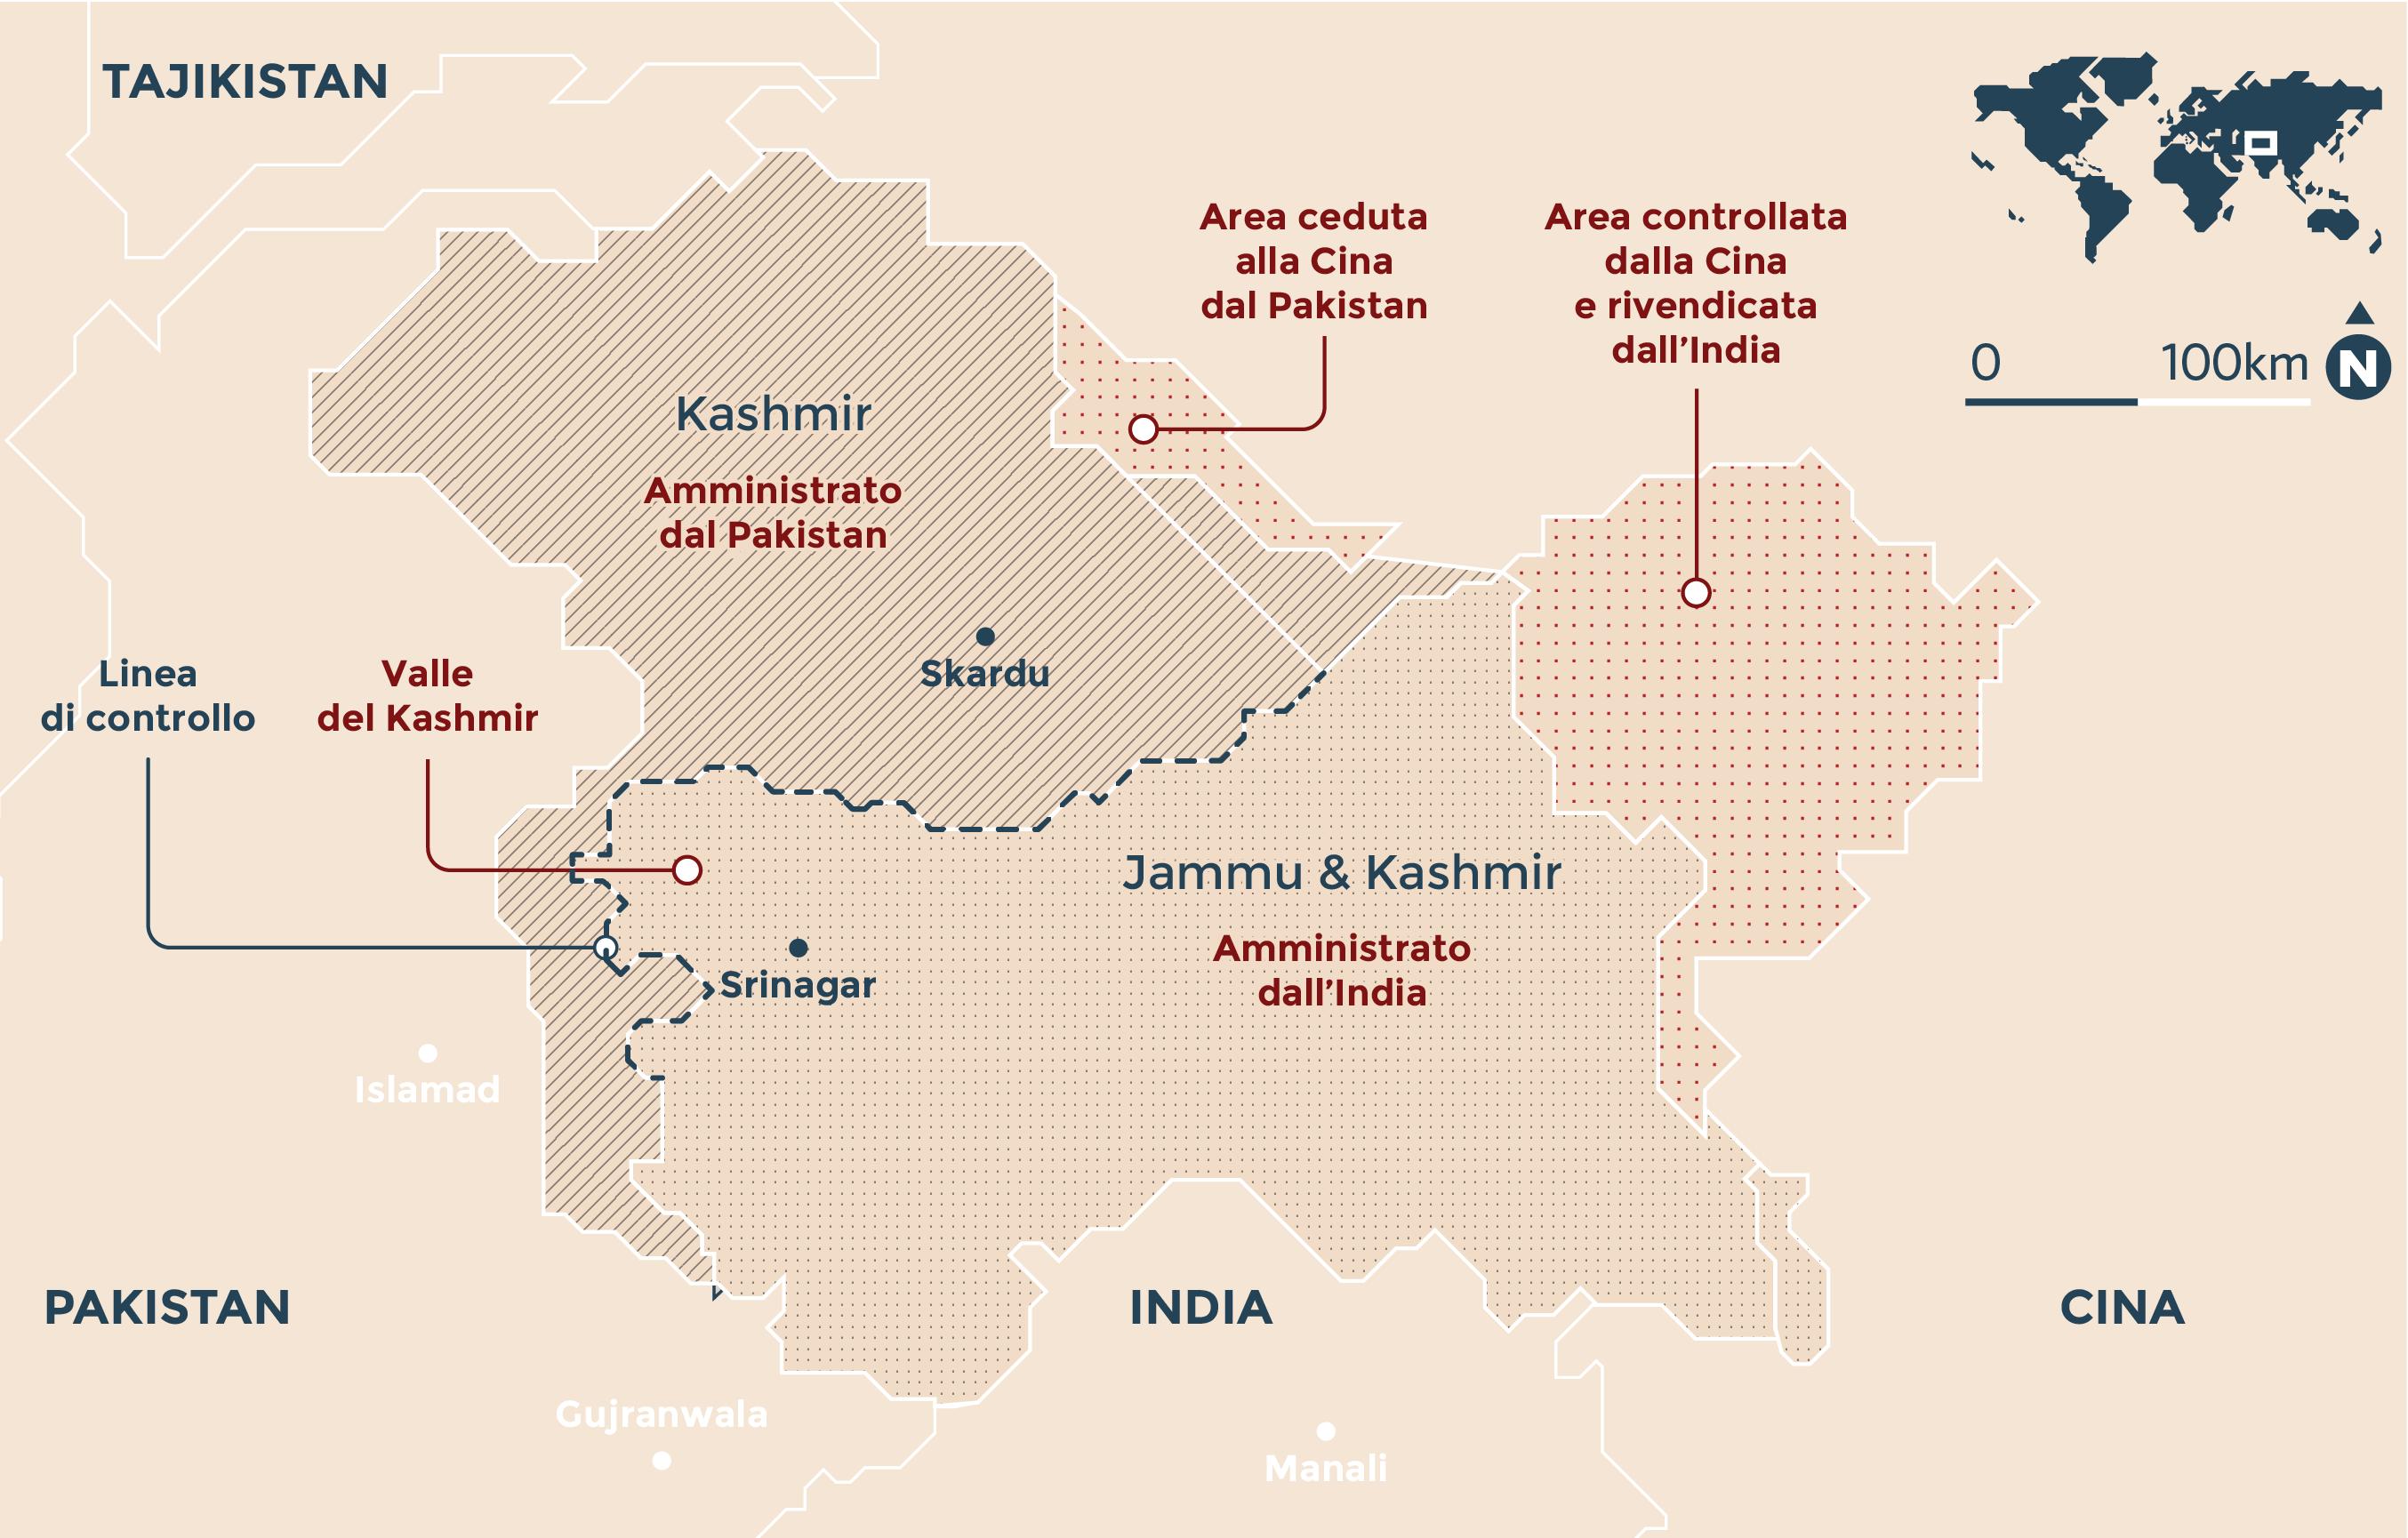 Sale la tensione tra Pakistan e India - Primopiano